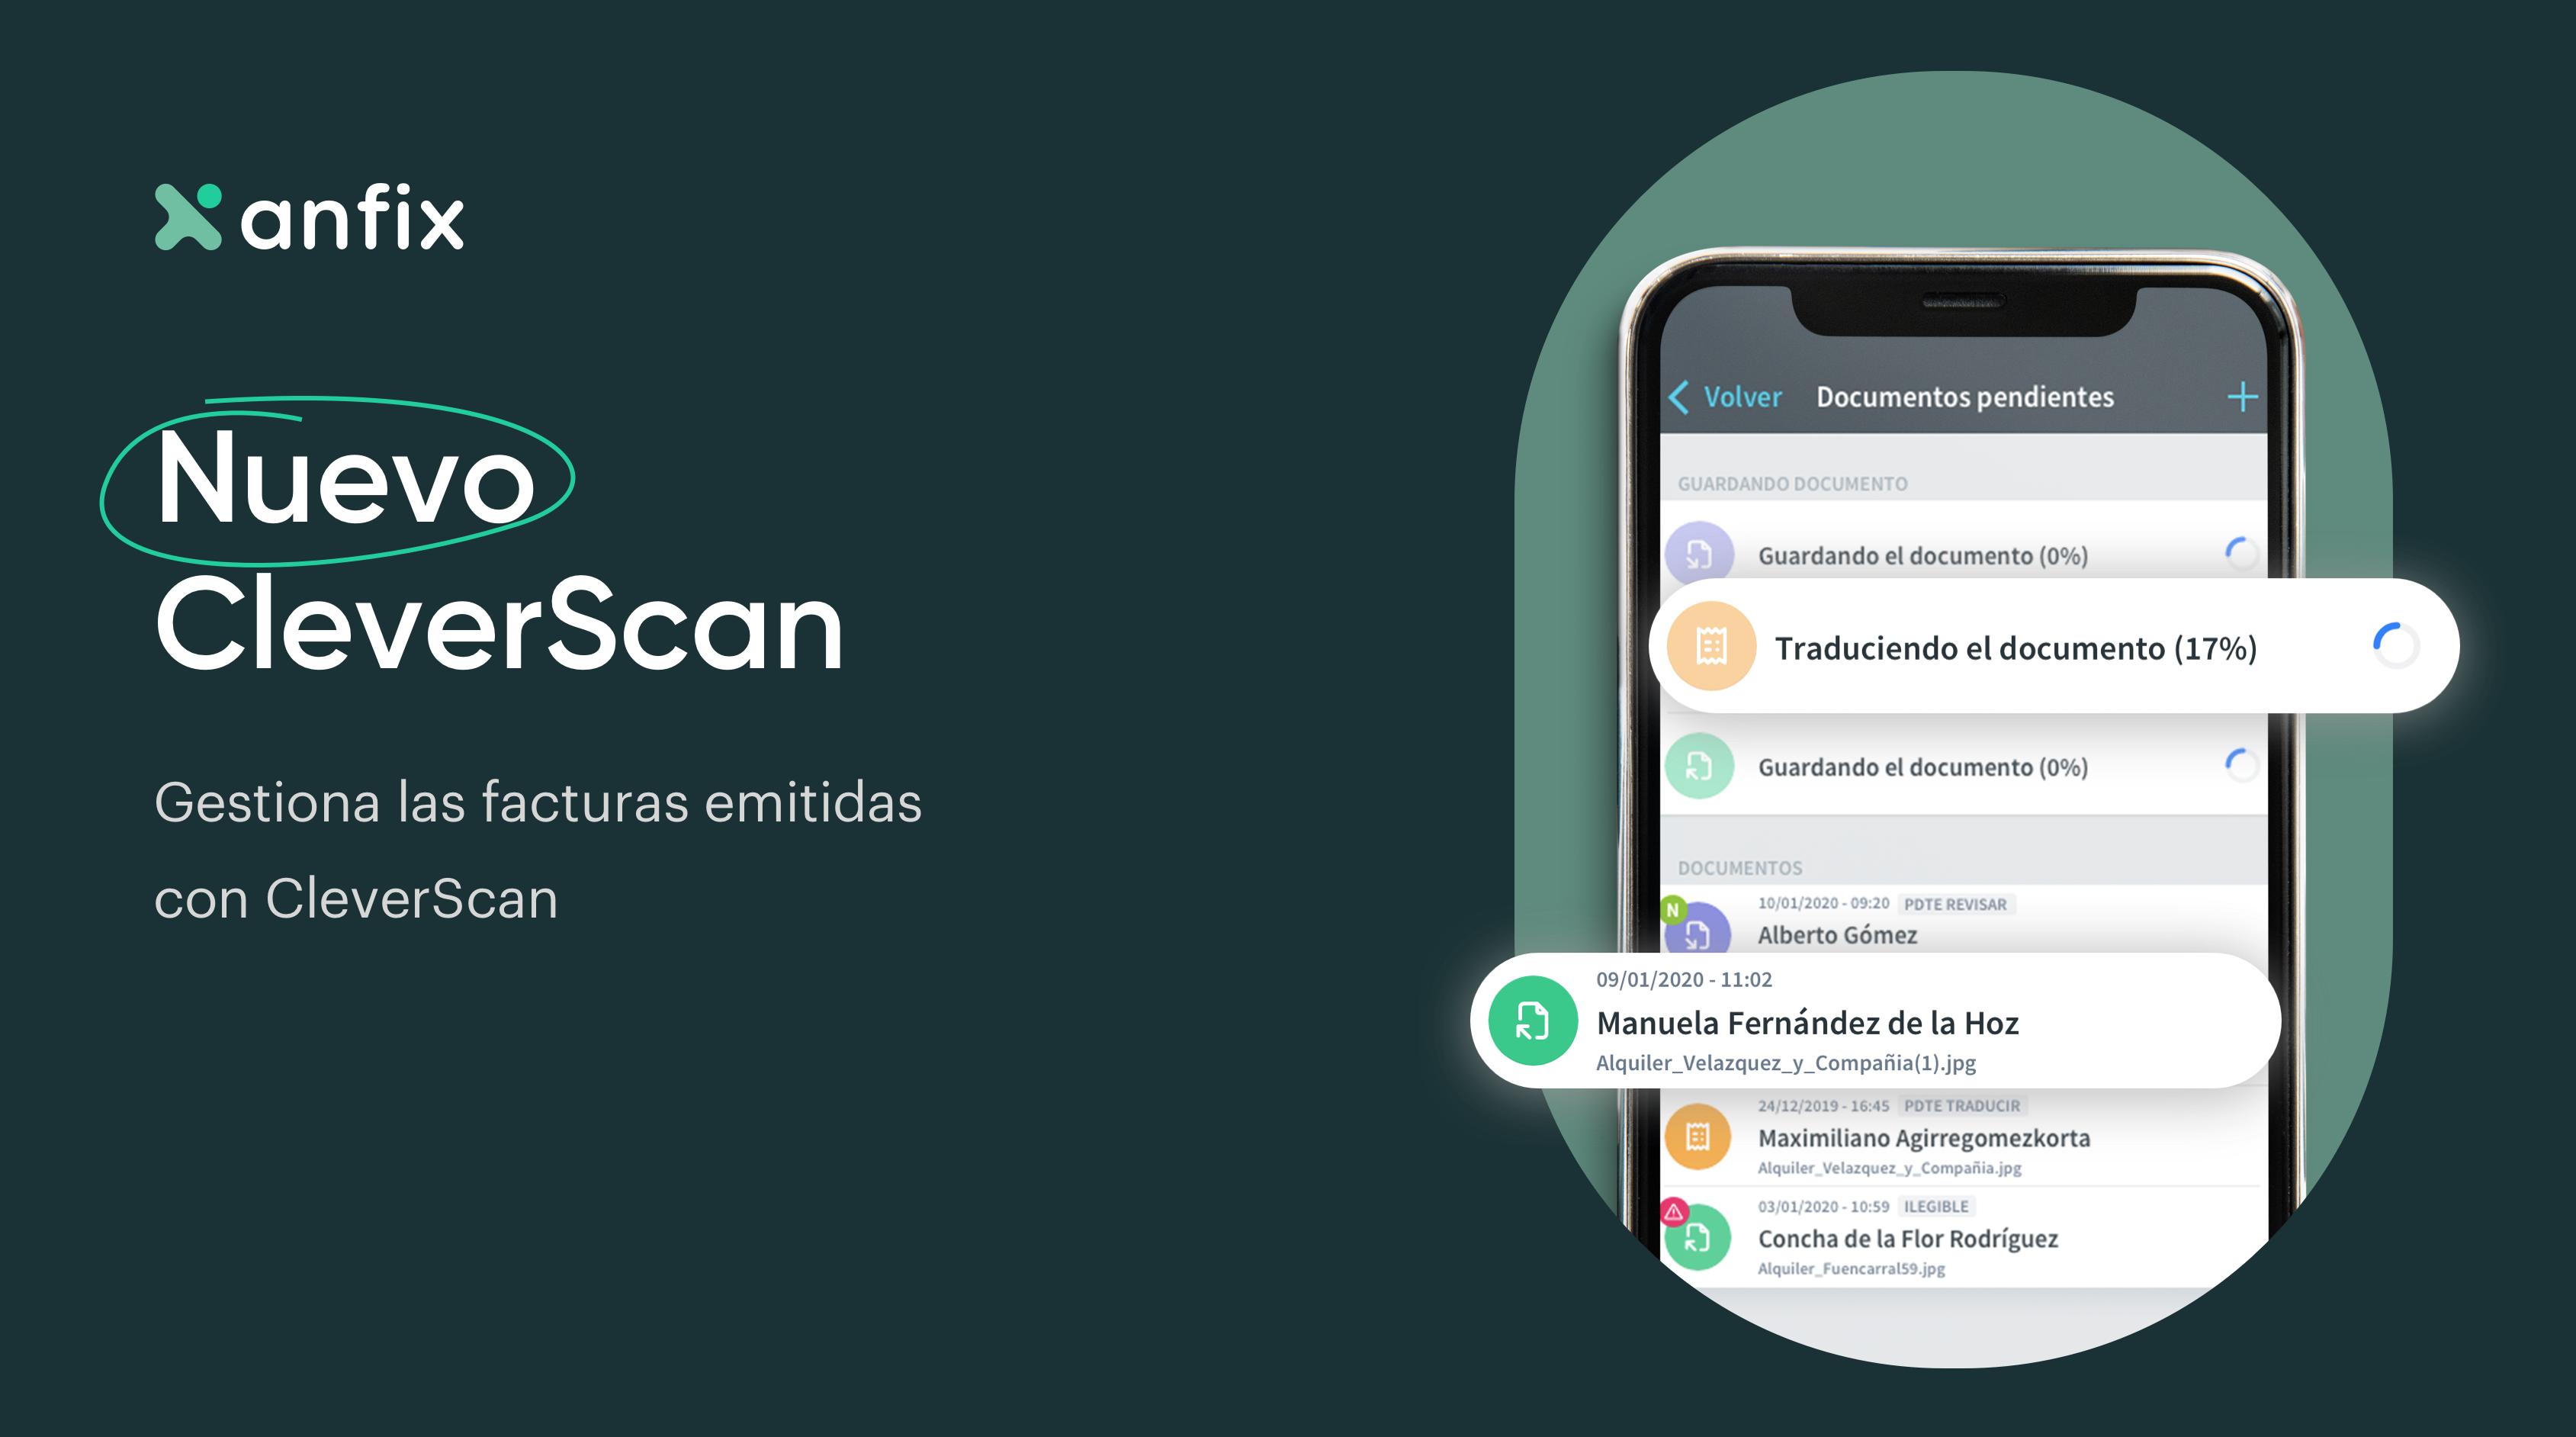 Nuevo CleverScan® de facturas emitidas